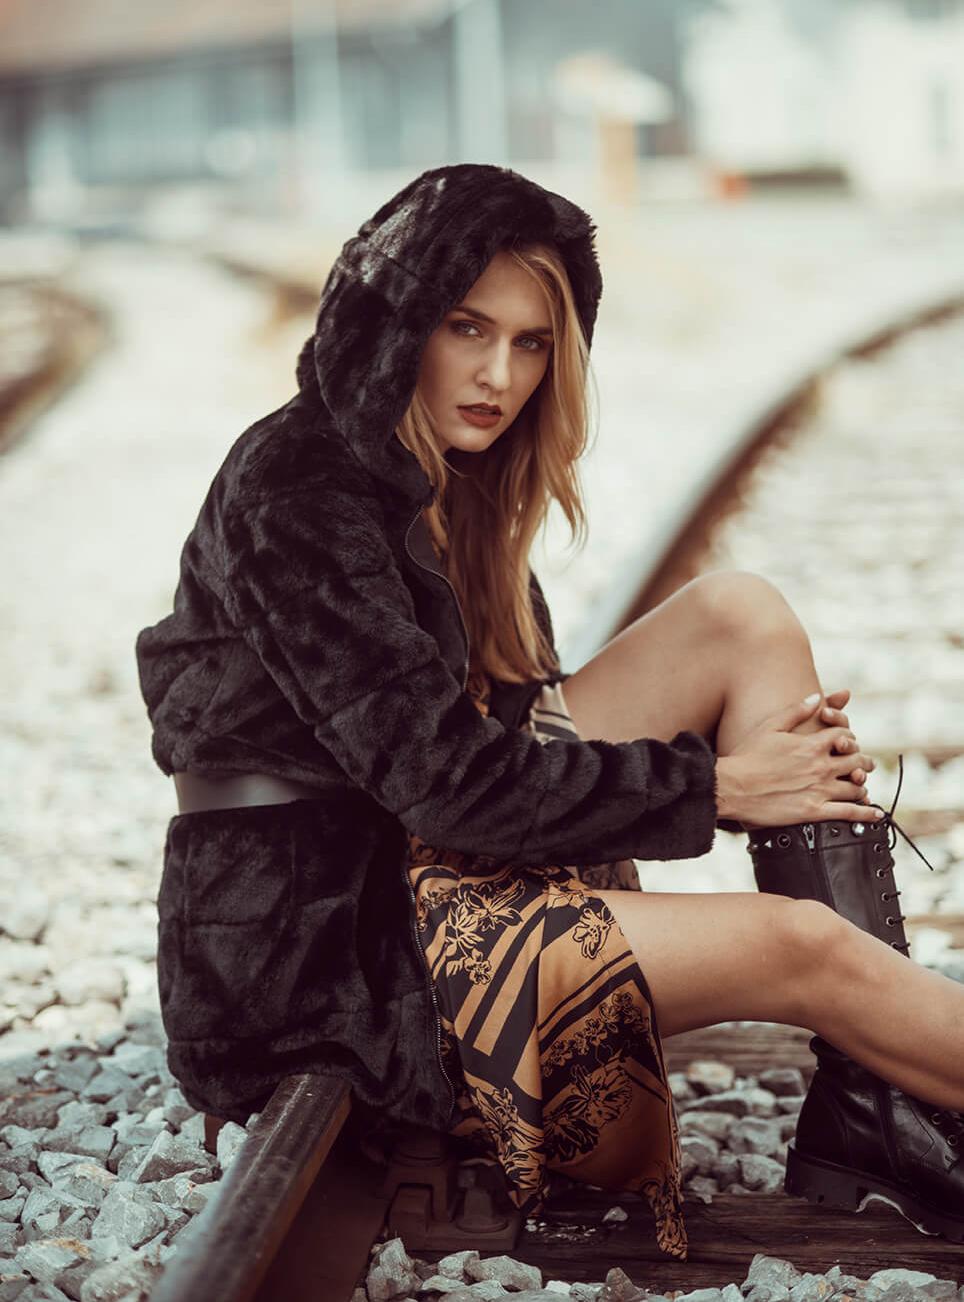 Obleka Vero Moda 39,99 € / Pas Tom Tailor 25,99 € / Jakna Only 69,99 € / Čevlji Tosca Blu 239,00 €